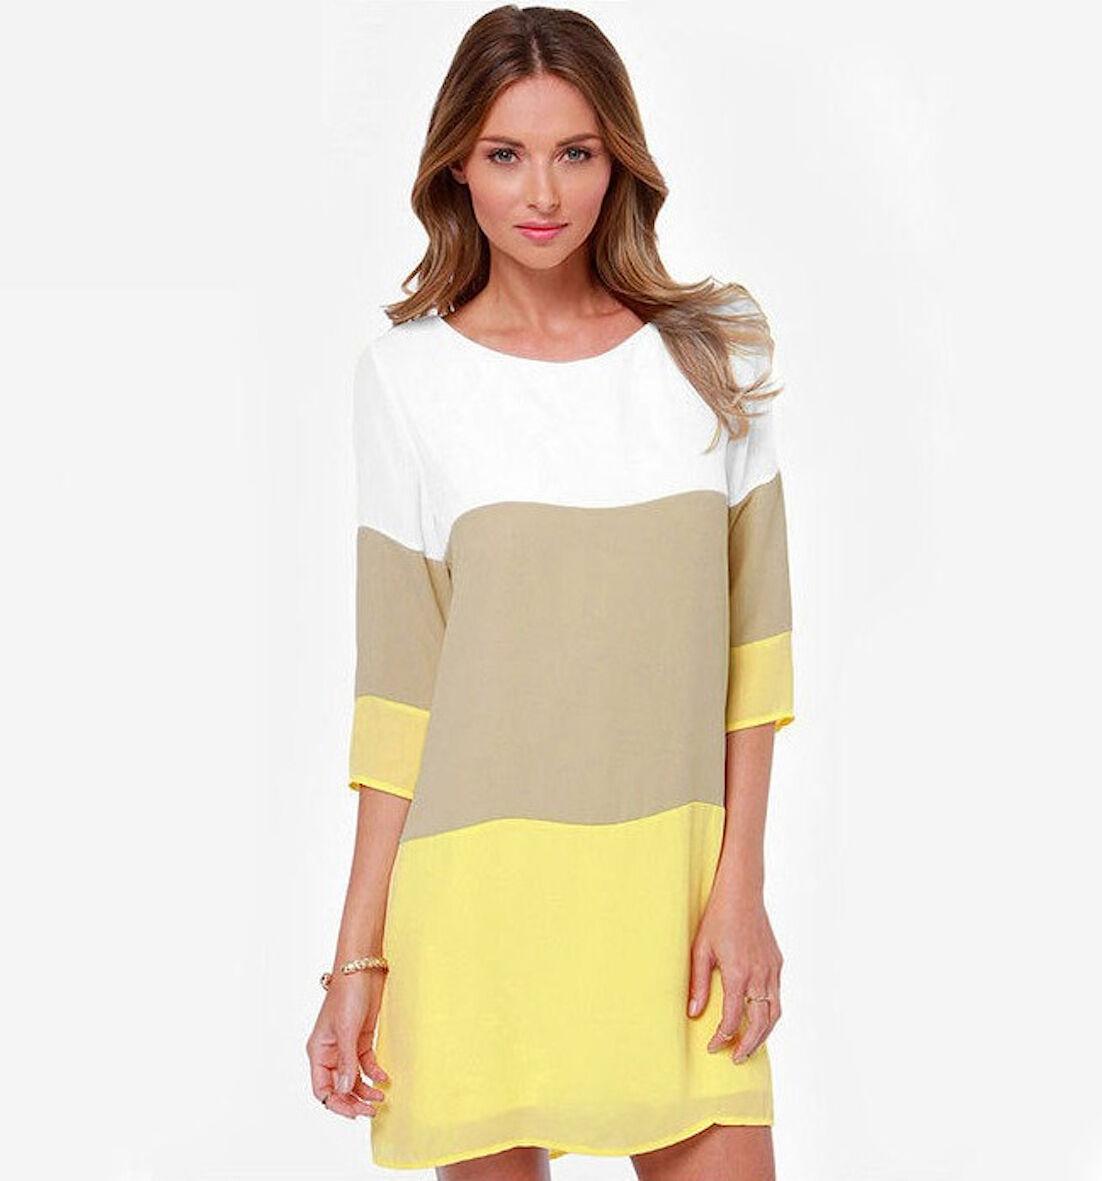 Vestito Corto Estate Donna Mini Dress Chiffon Woman Summer Mini Dress 110058